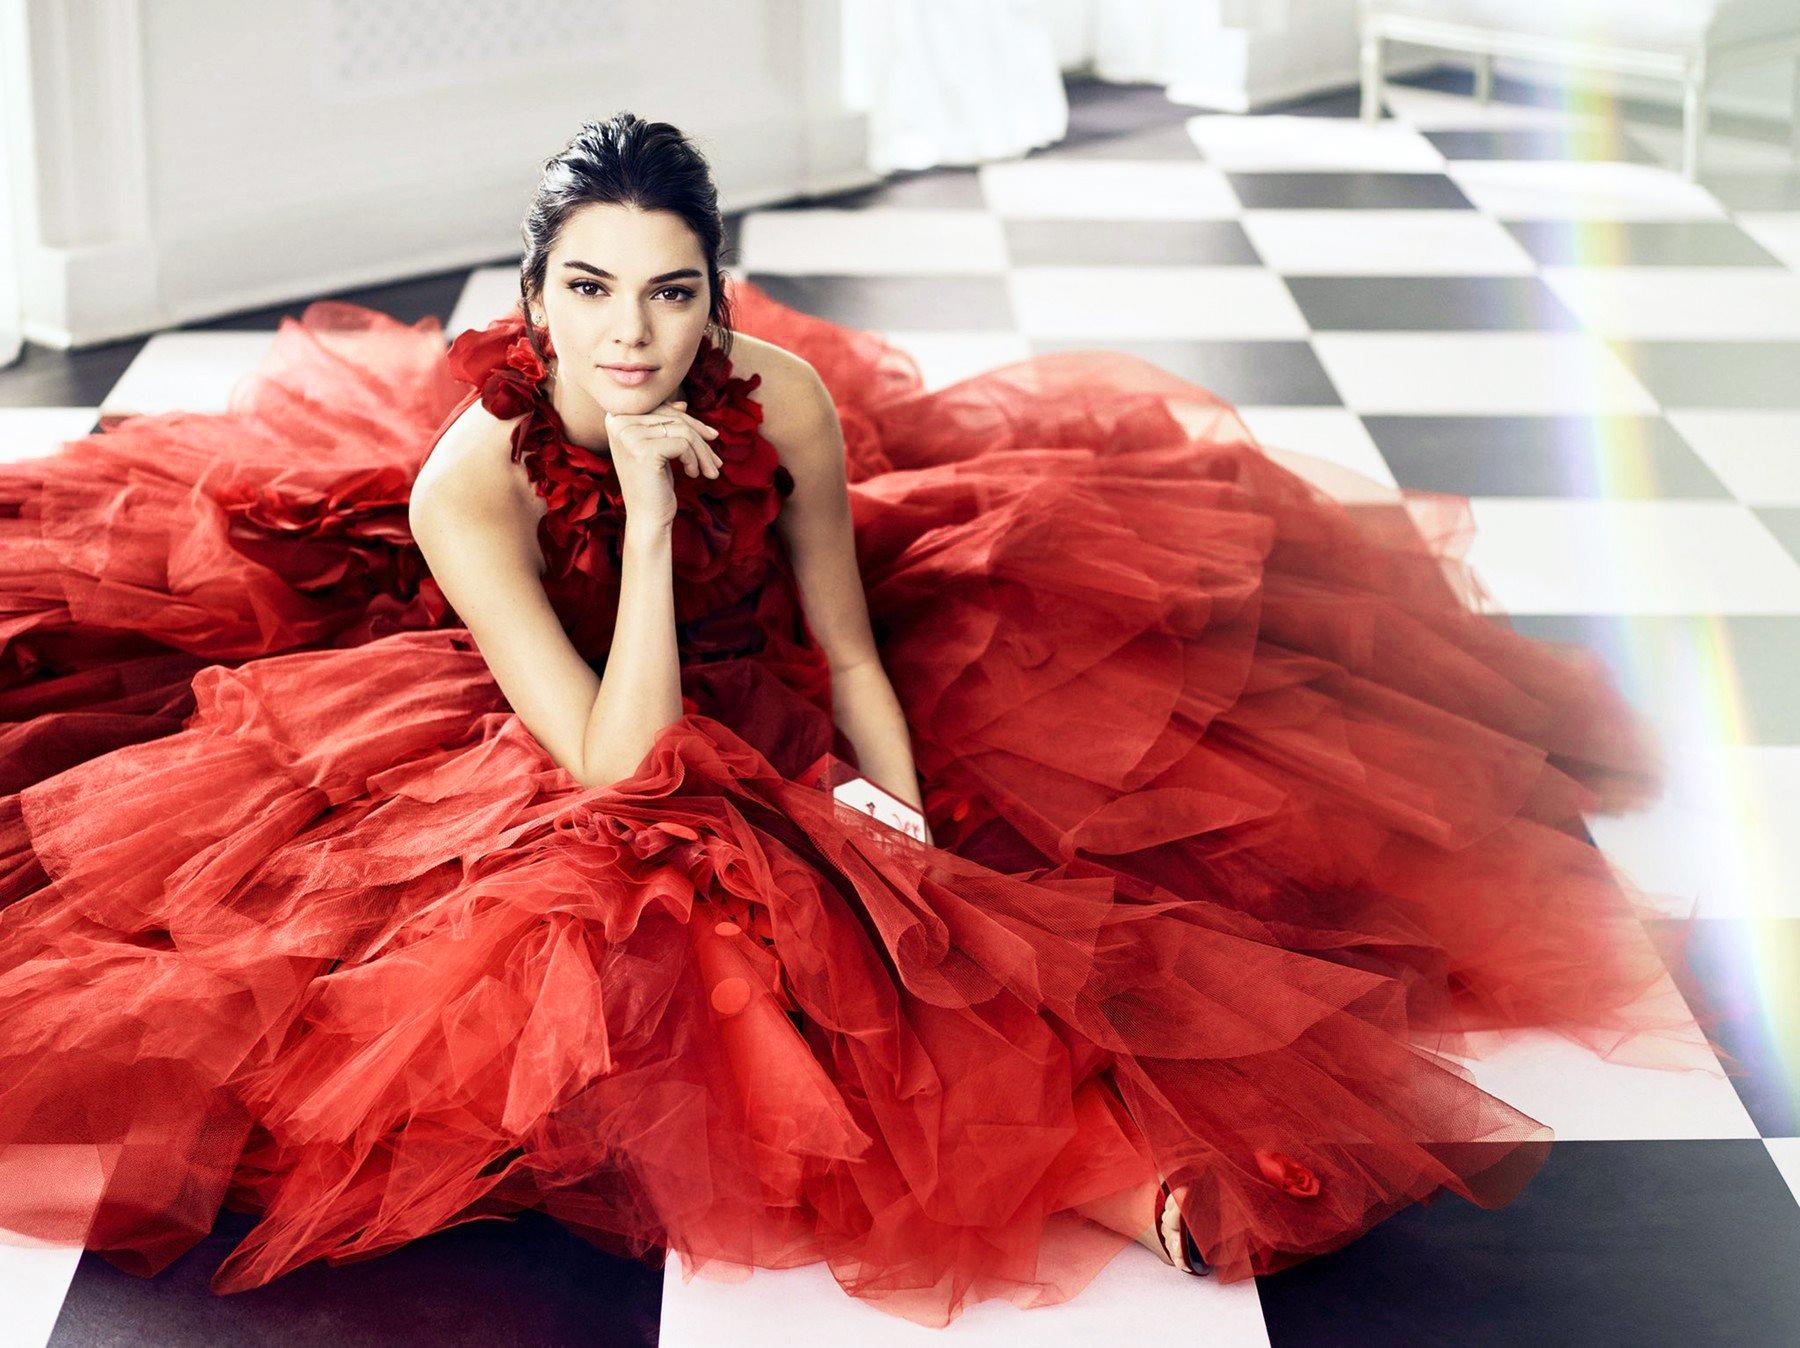 Phối đồ dự tiệc cho cung bọ cạp - Kendall Jenner mặc đầm dạ hội voan đỏ